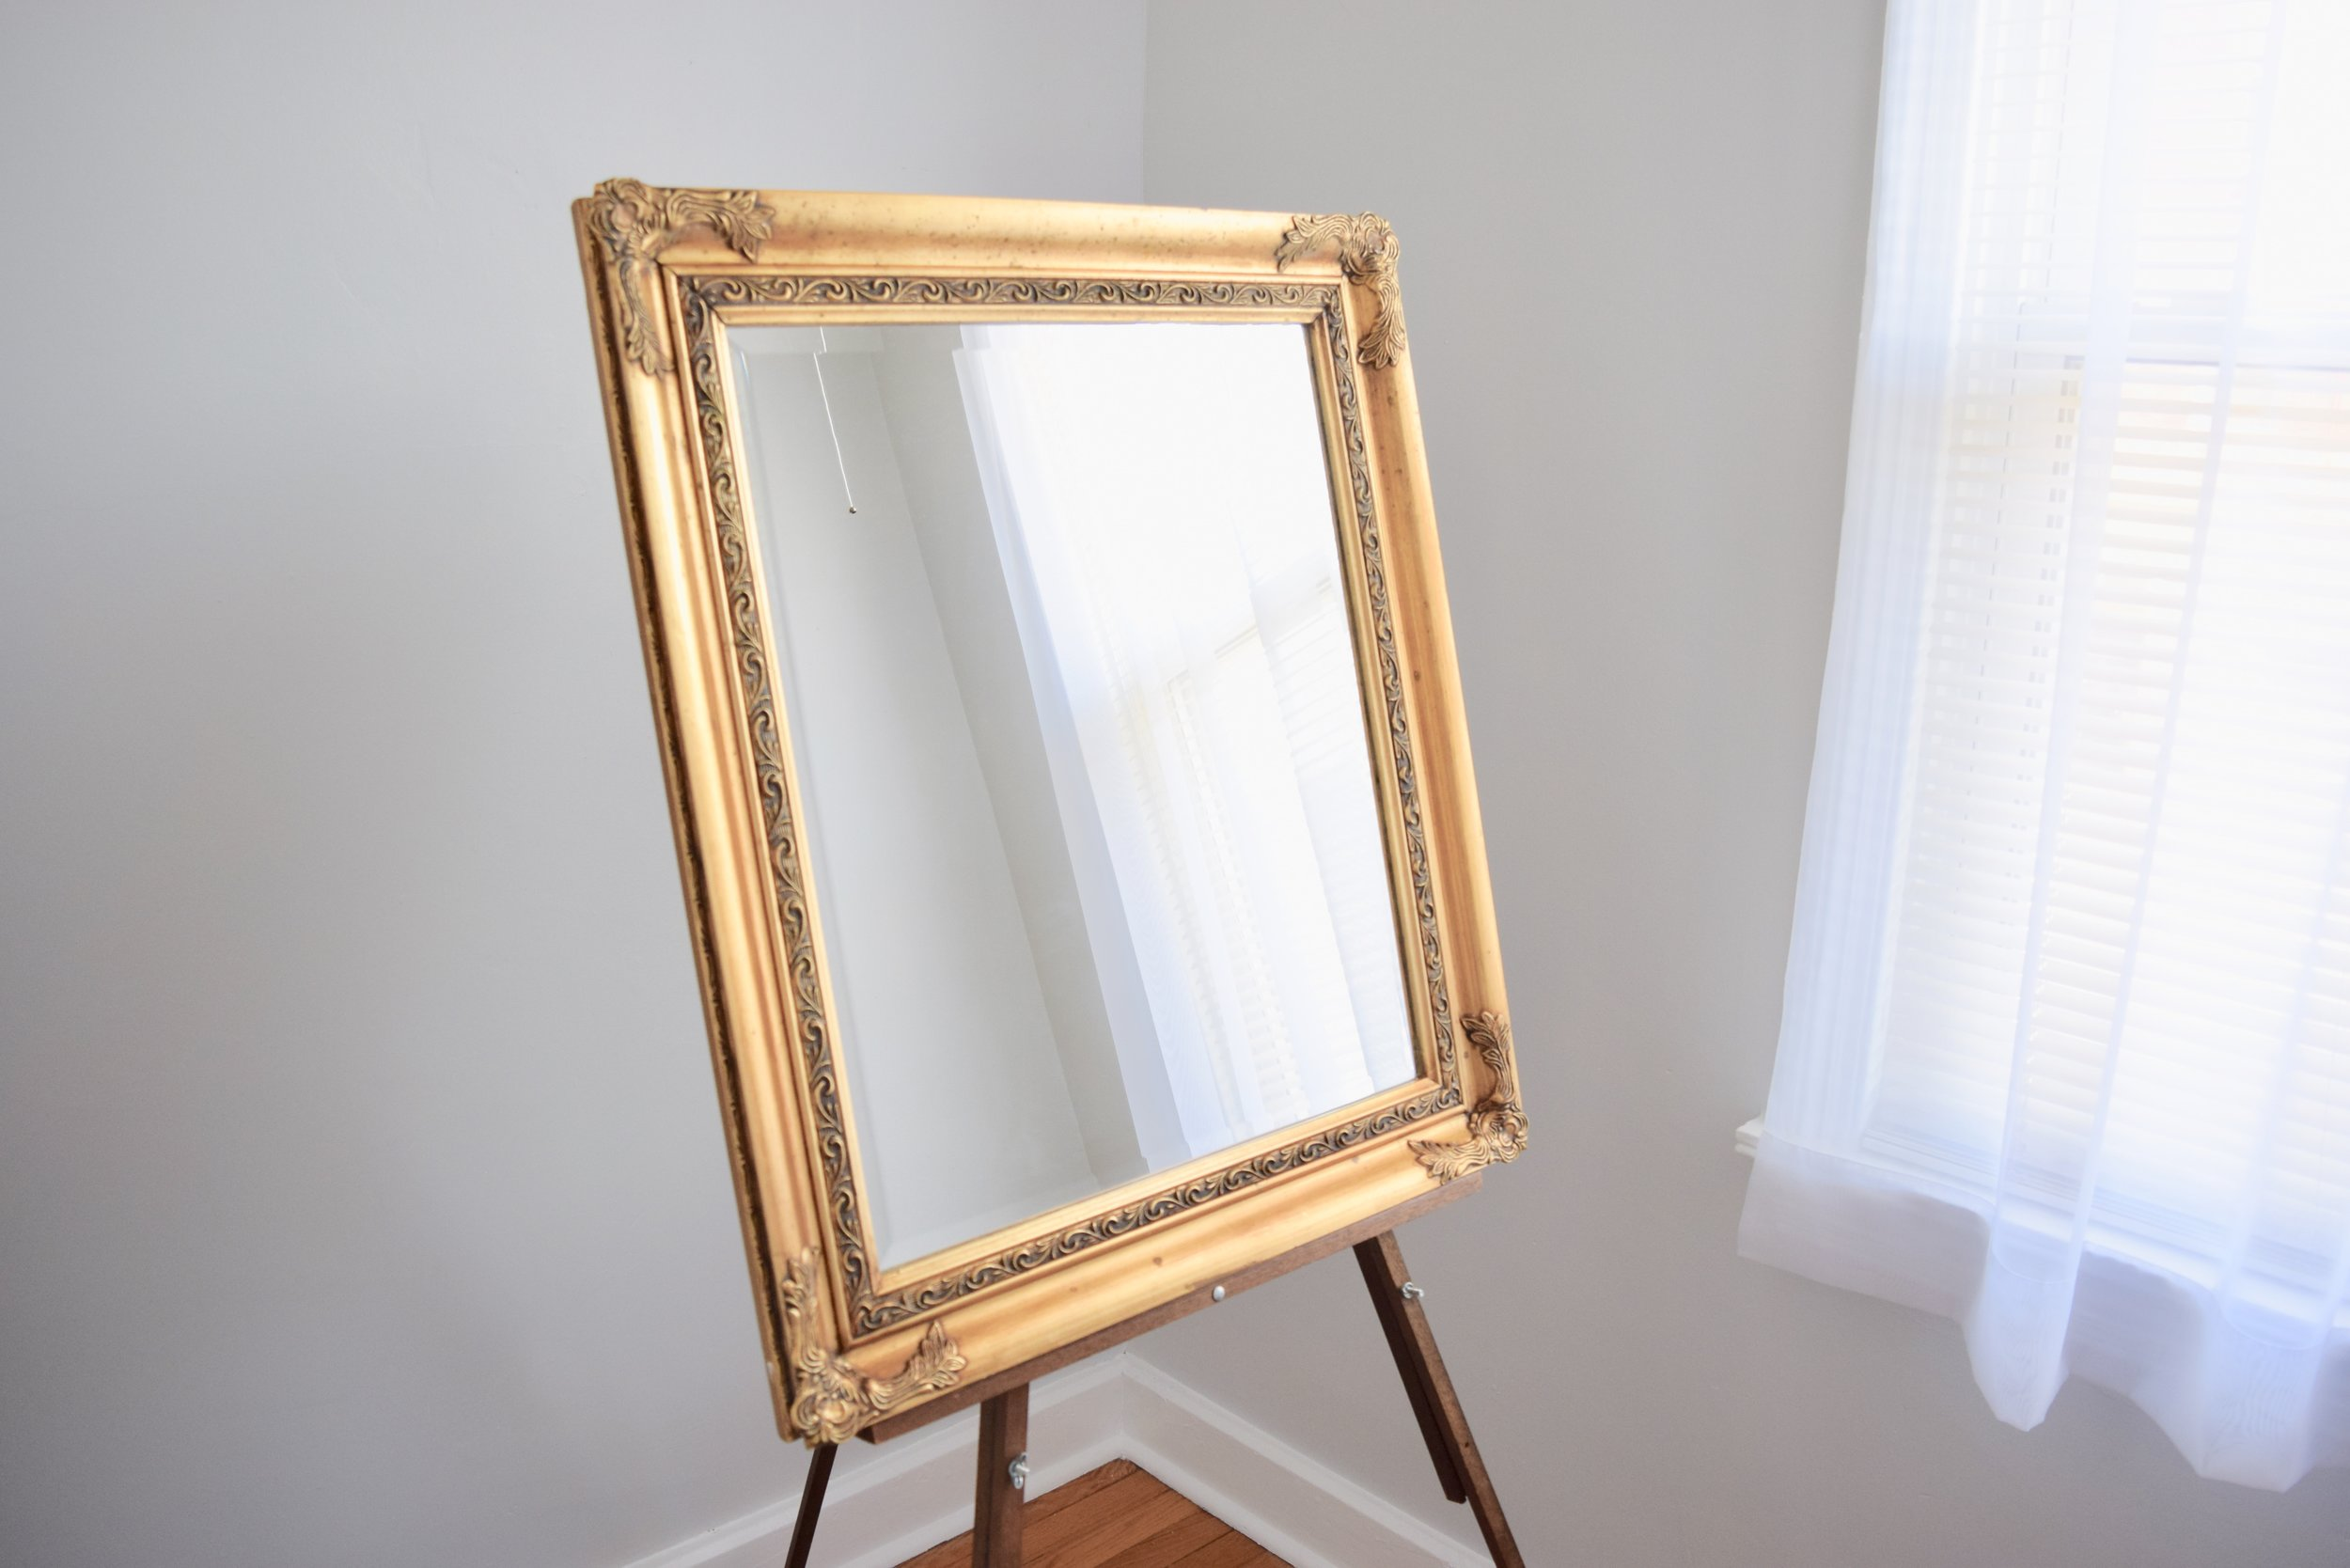 rectangular vintage mirror for wedding signage for rent.jpeg